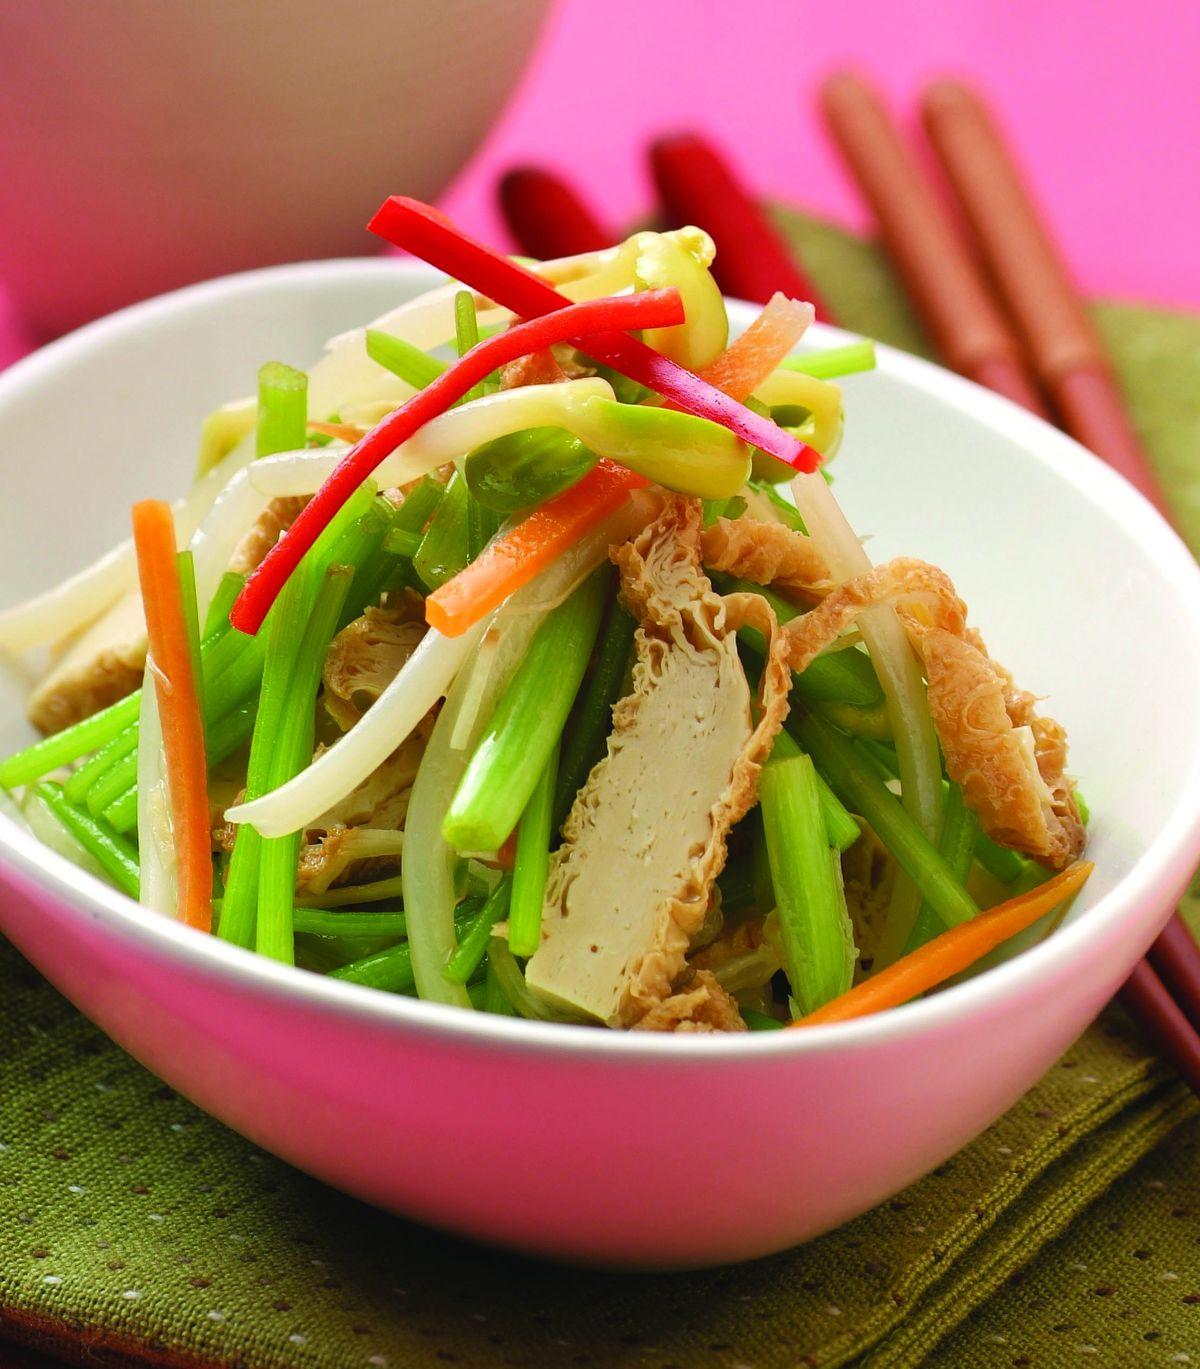 食譜:山芹豆包黃豆芽